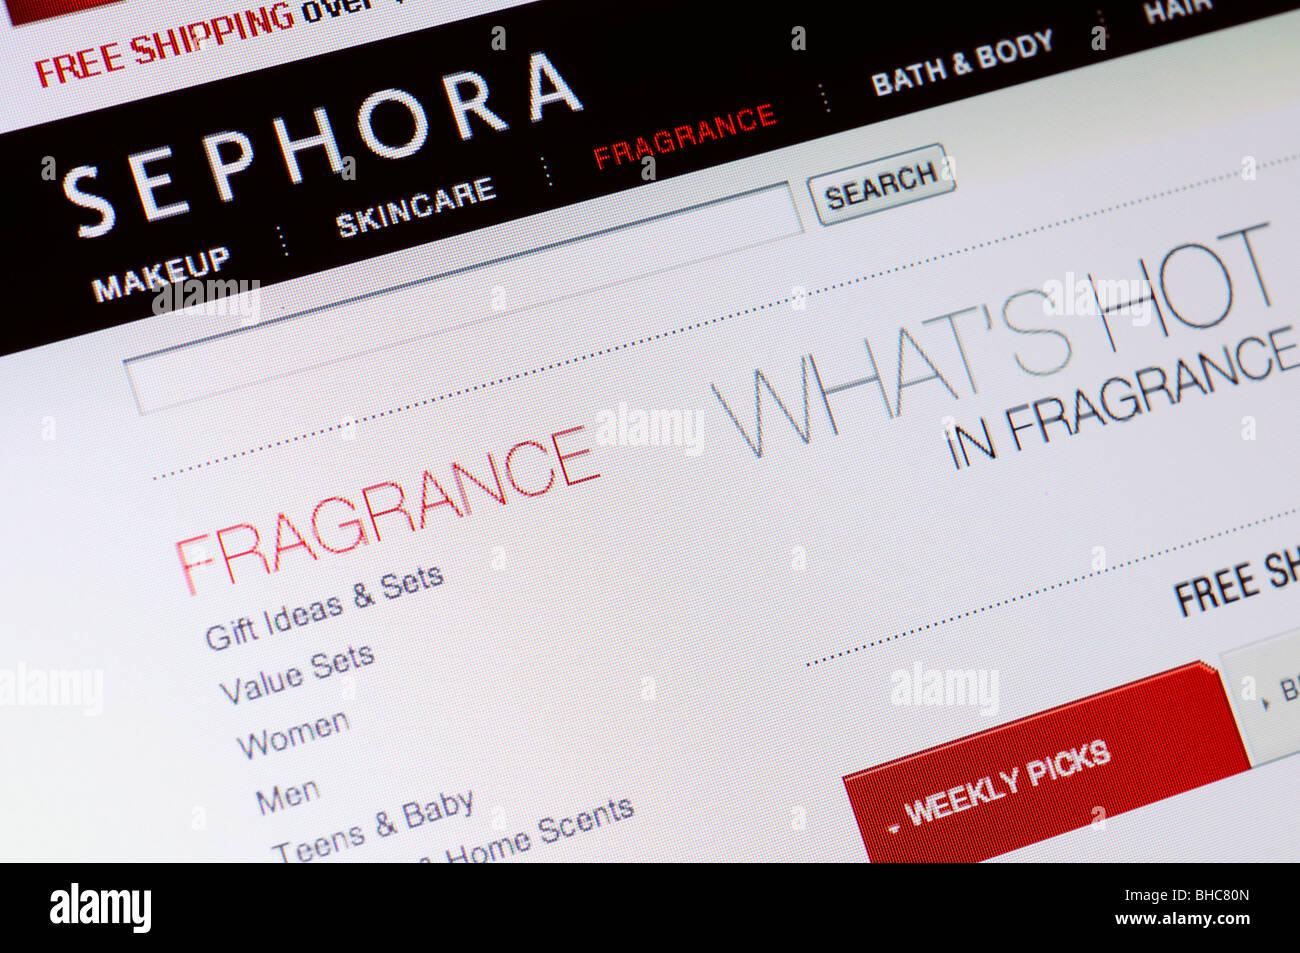 Sephora-Duft-Store-website Stockbild